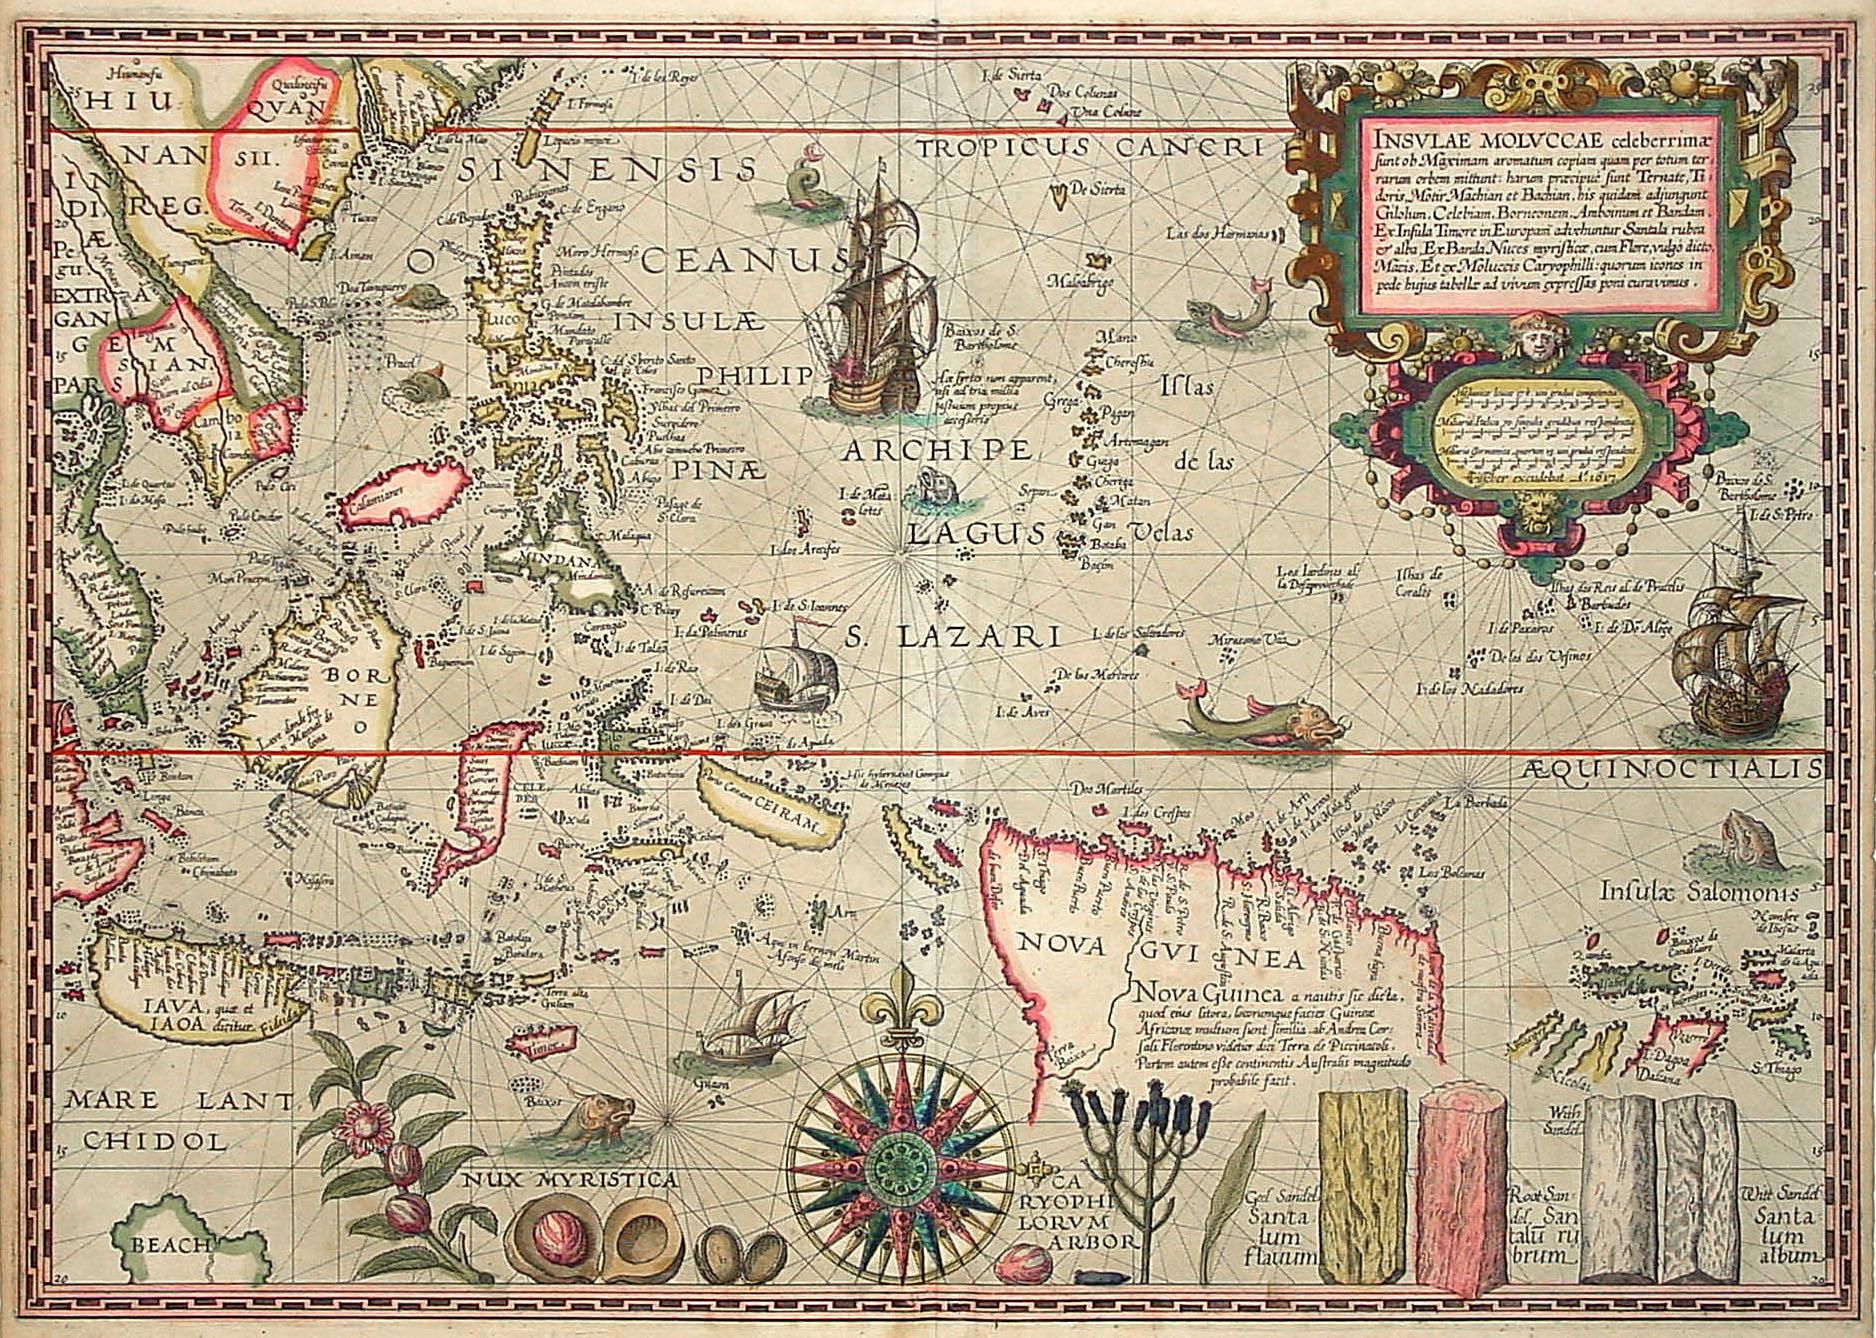 File:1592 Insullae Moluc. Plancius.jpg